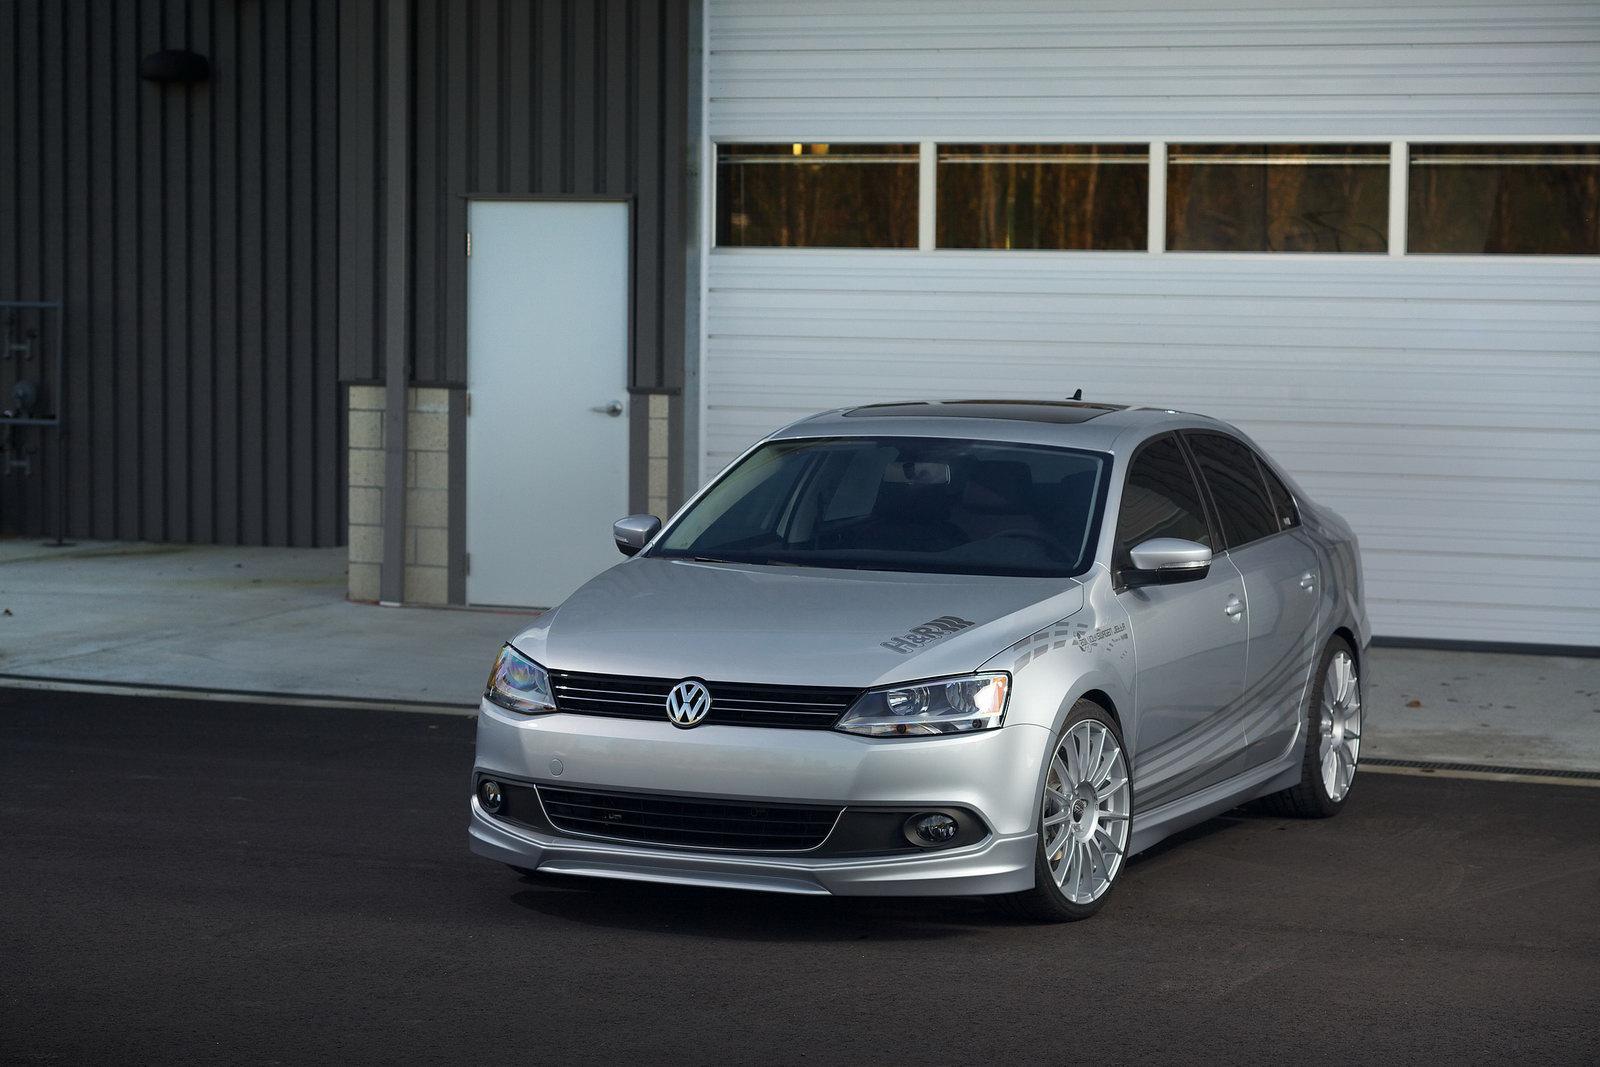 Volkswagen Jetta Gets H&R Treatment - autoevolution